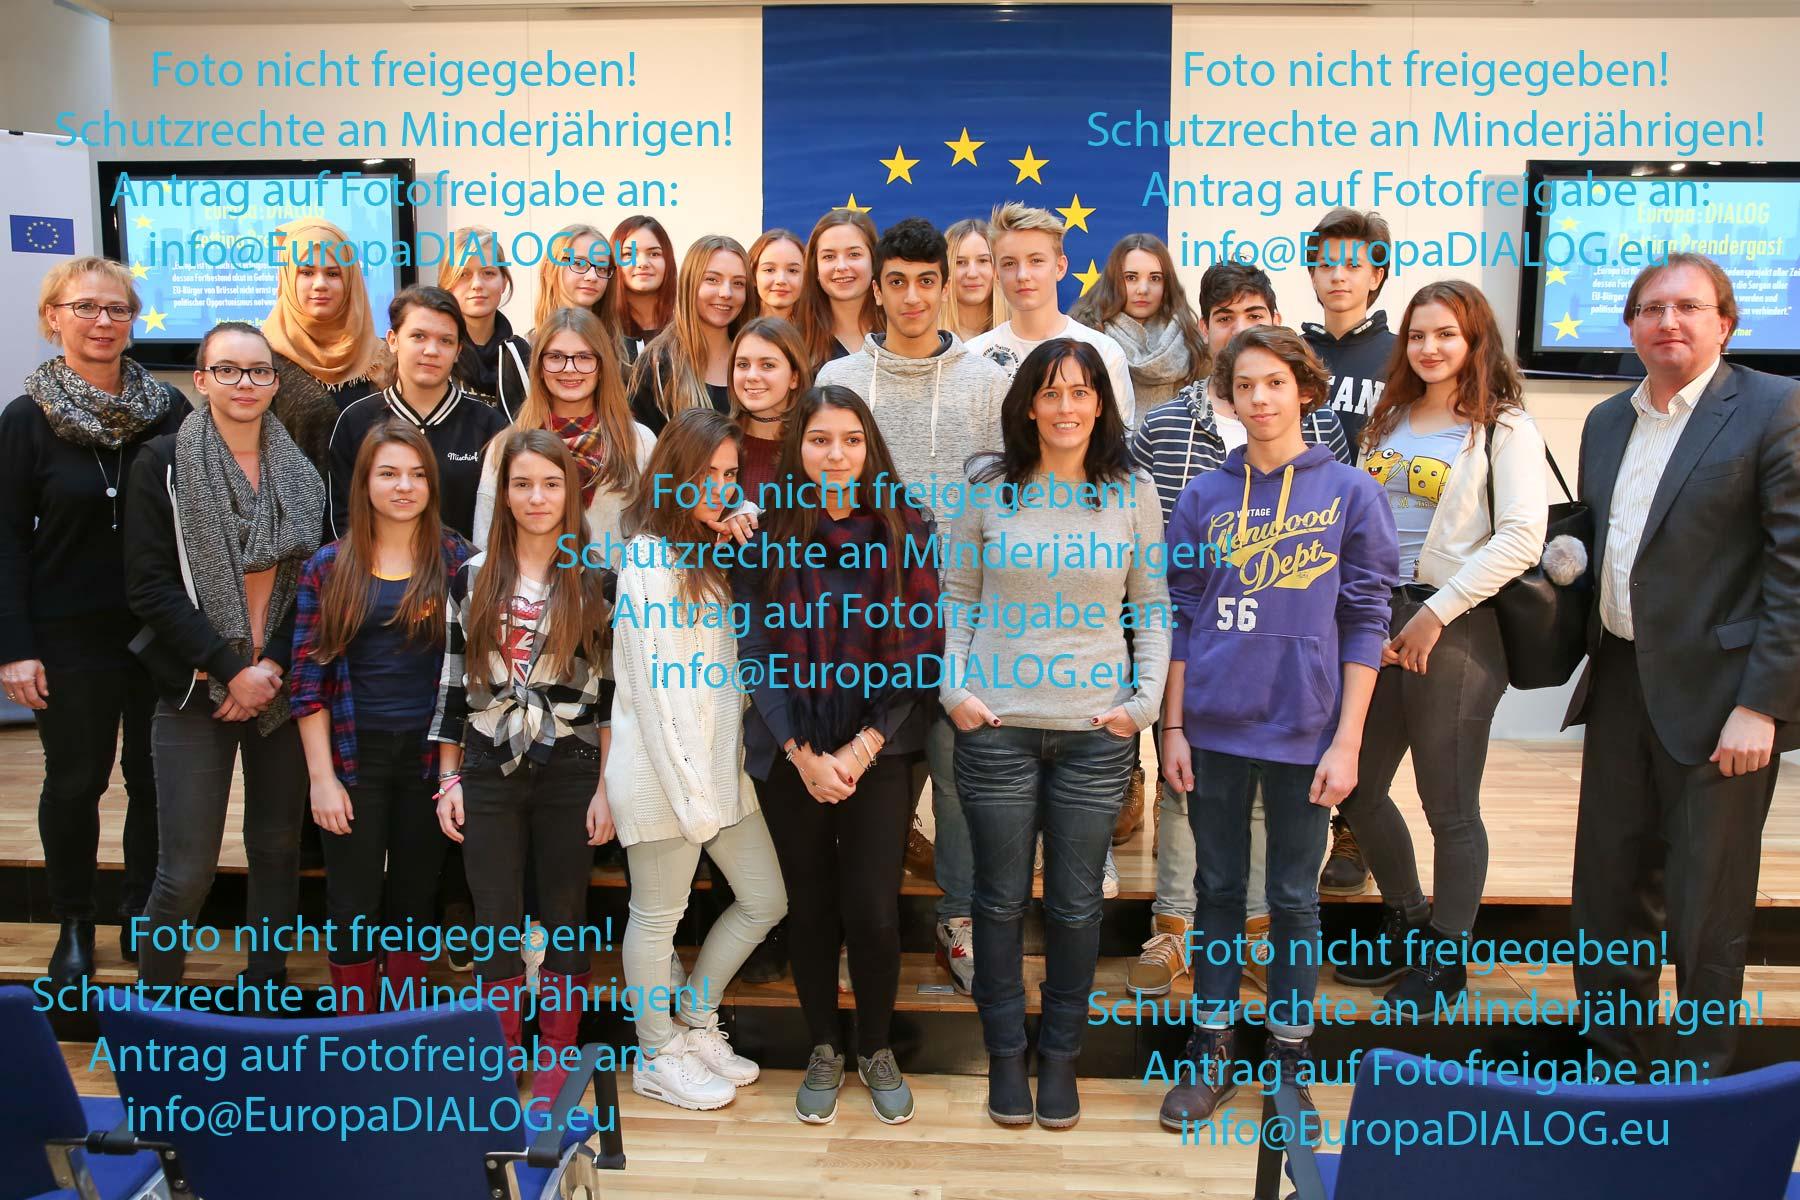 europadialog_bettina-prendergast_s_e01_brg-pichelmayerg__051870_-katharina-schiffl__